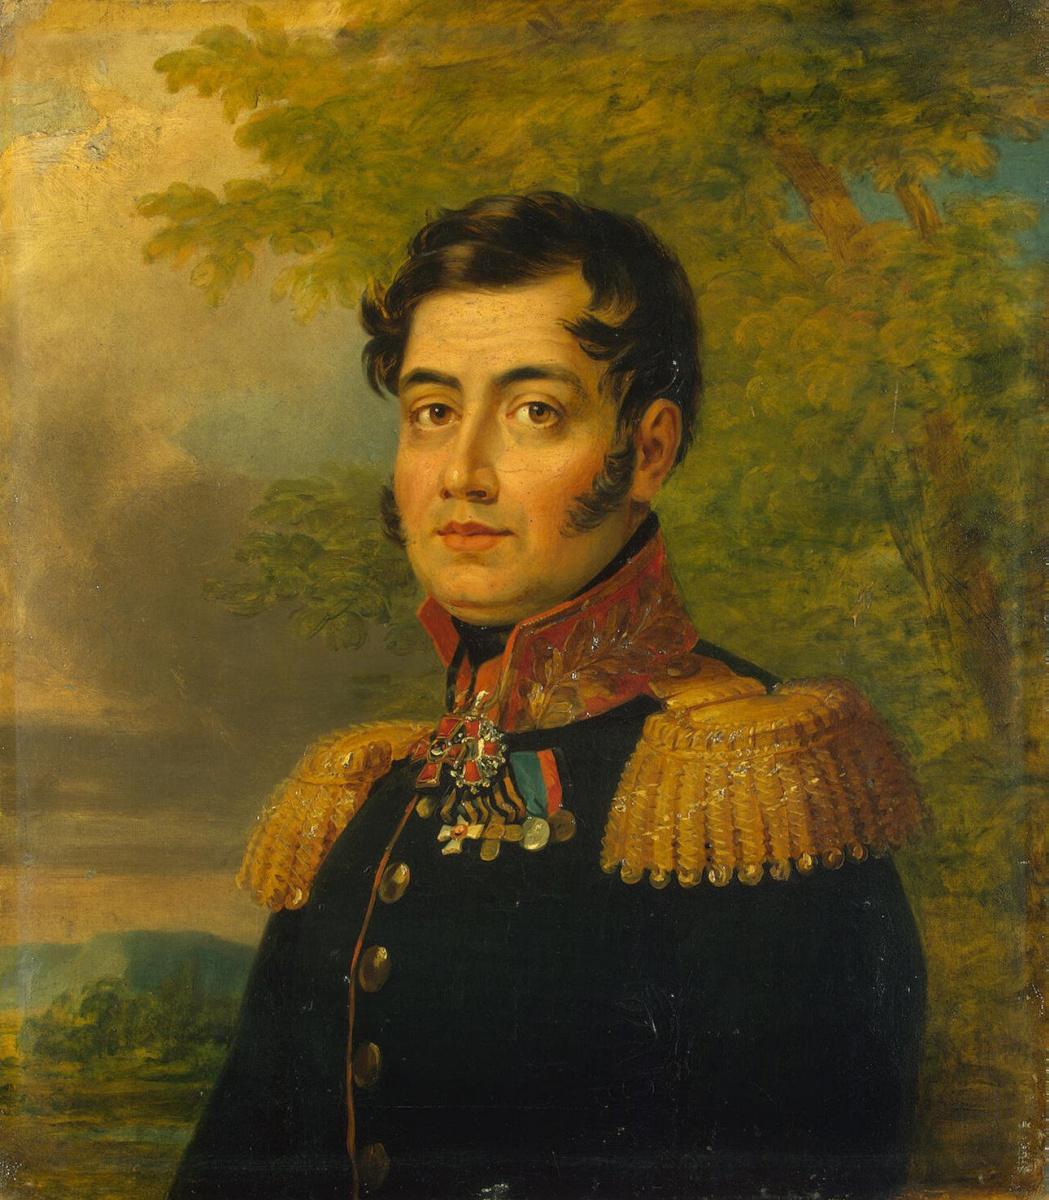 Джордж Доу. Портрет Михаила Федоровича Наумова